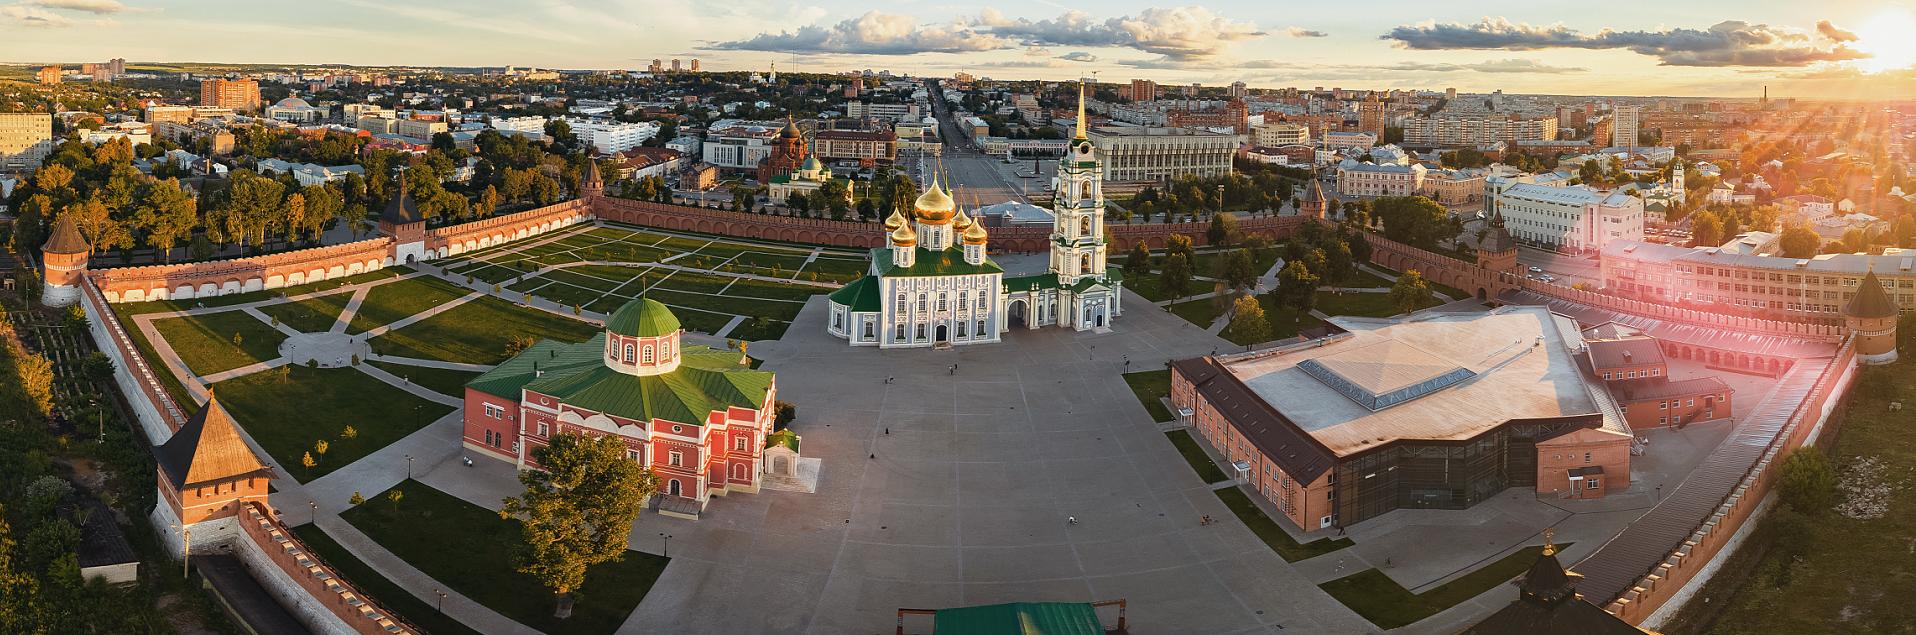 1. Фото Алексея Киселёва, Pilothub.ru